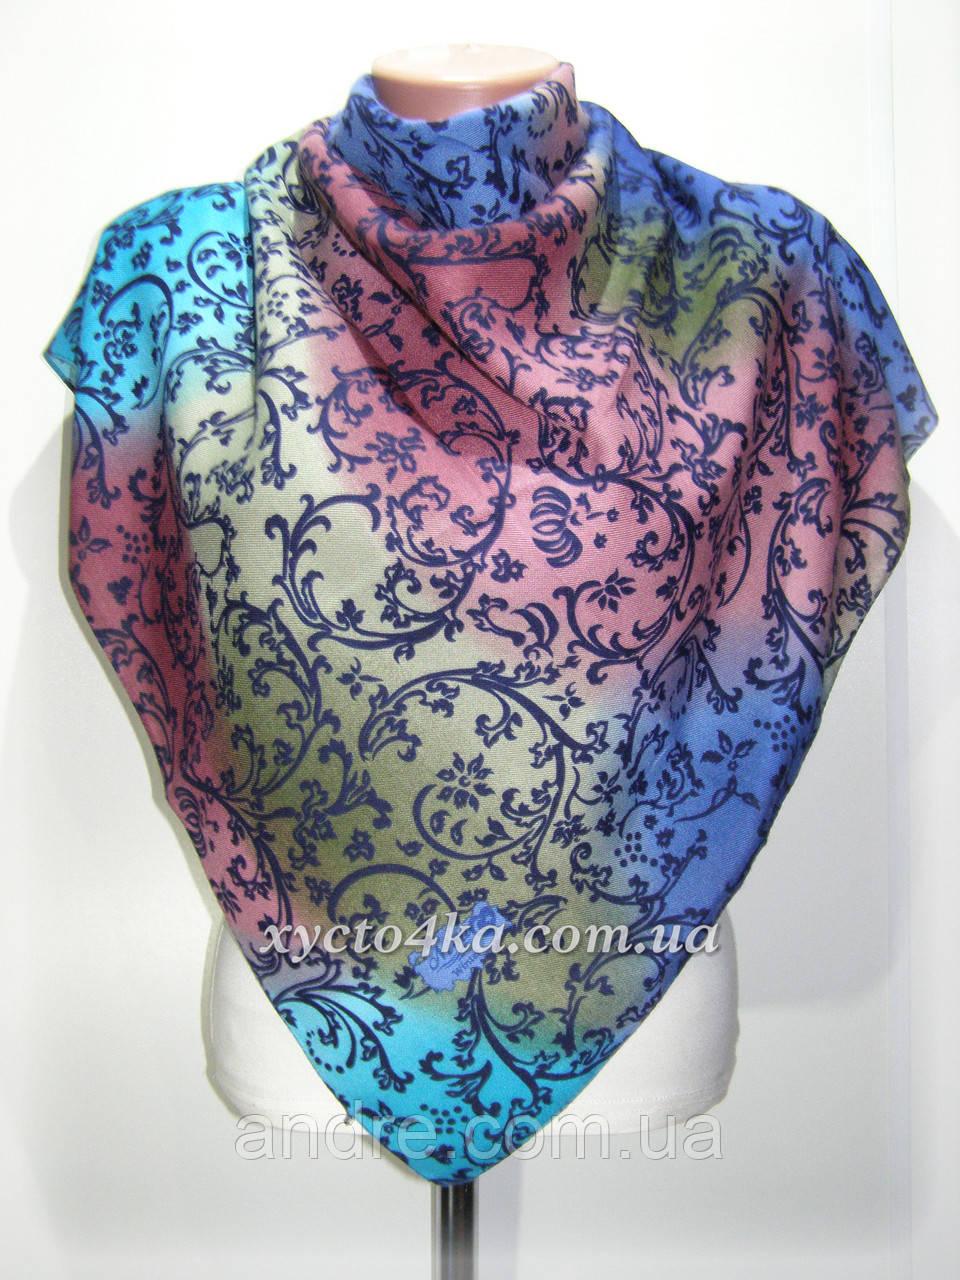 Кашемировый платок винтаж, розовый